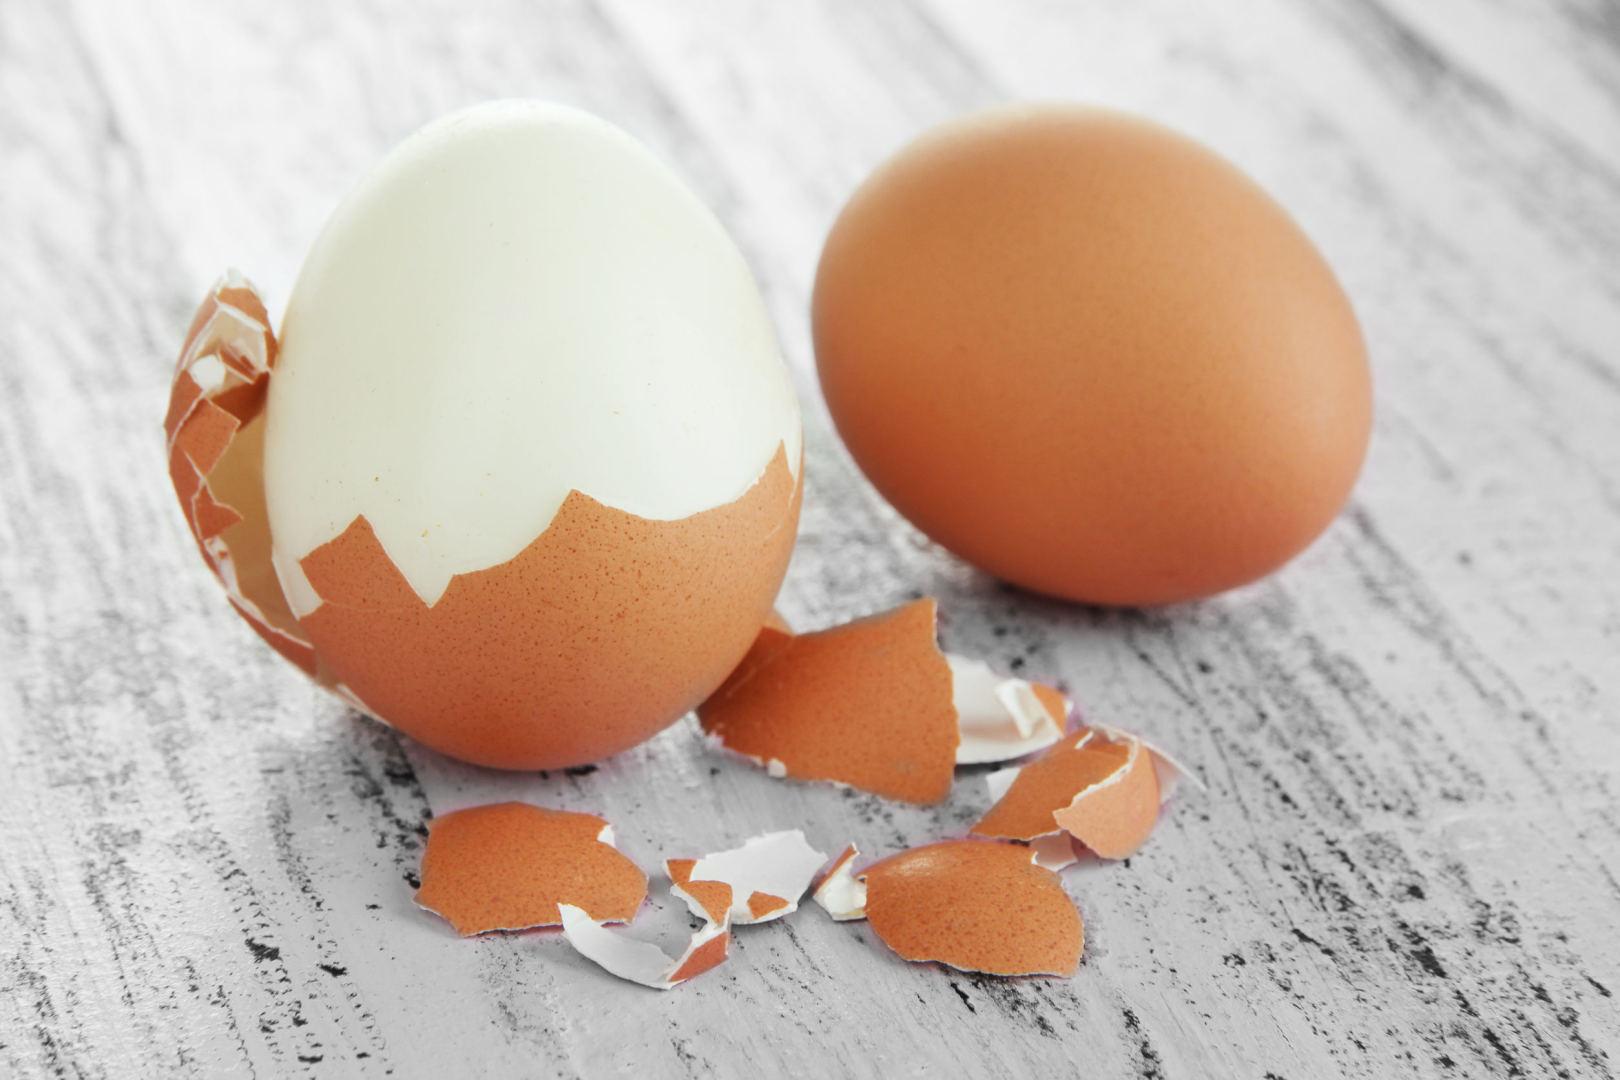 Ar galima valgyti kiaušinius su spaudimu? - Saldainiai